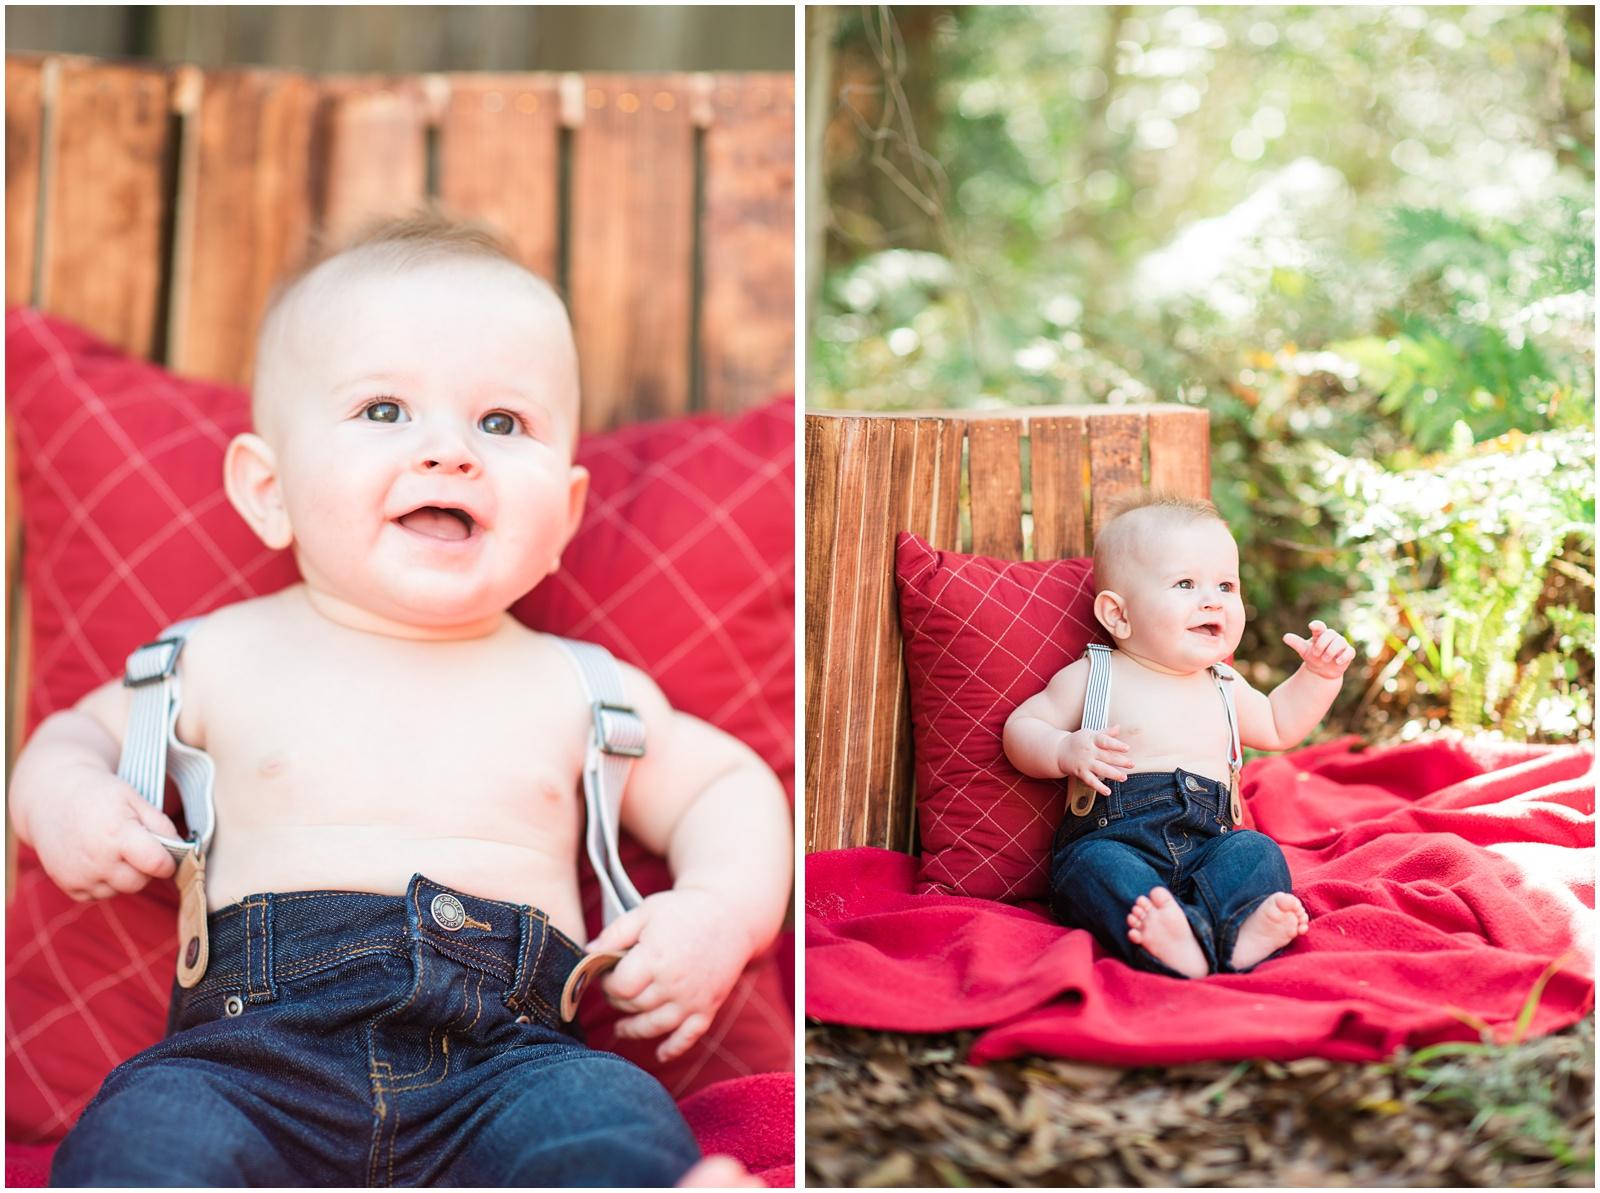 Baby_Portraits_6 Months_Valentine's Day_Walter Jones Park_5.jpg